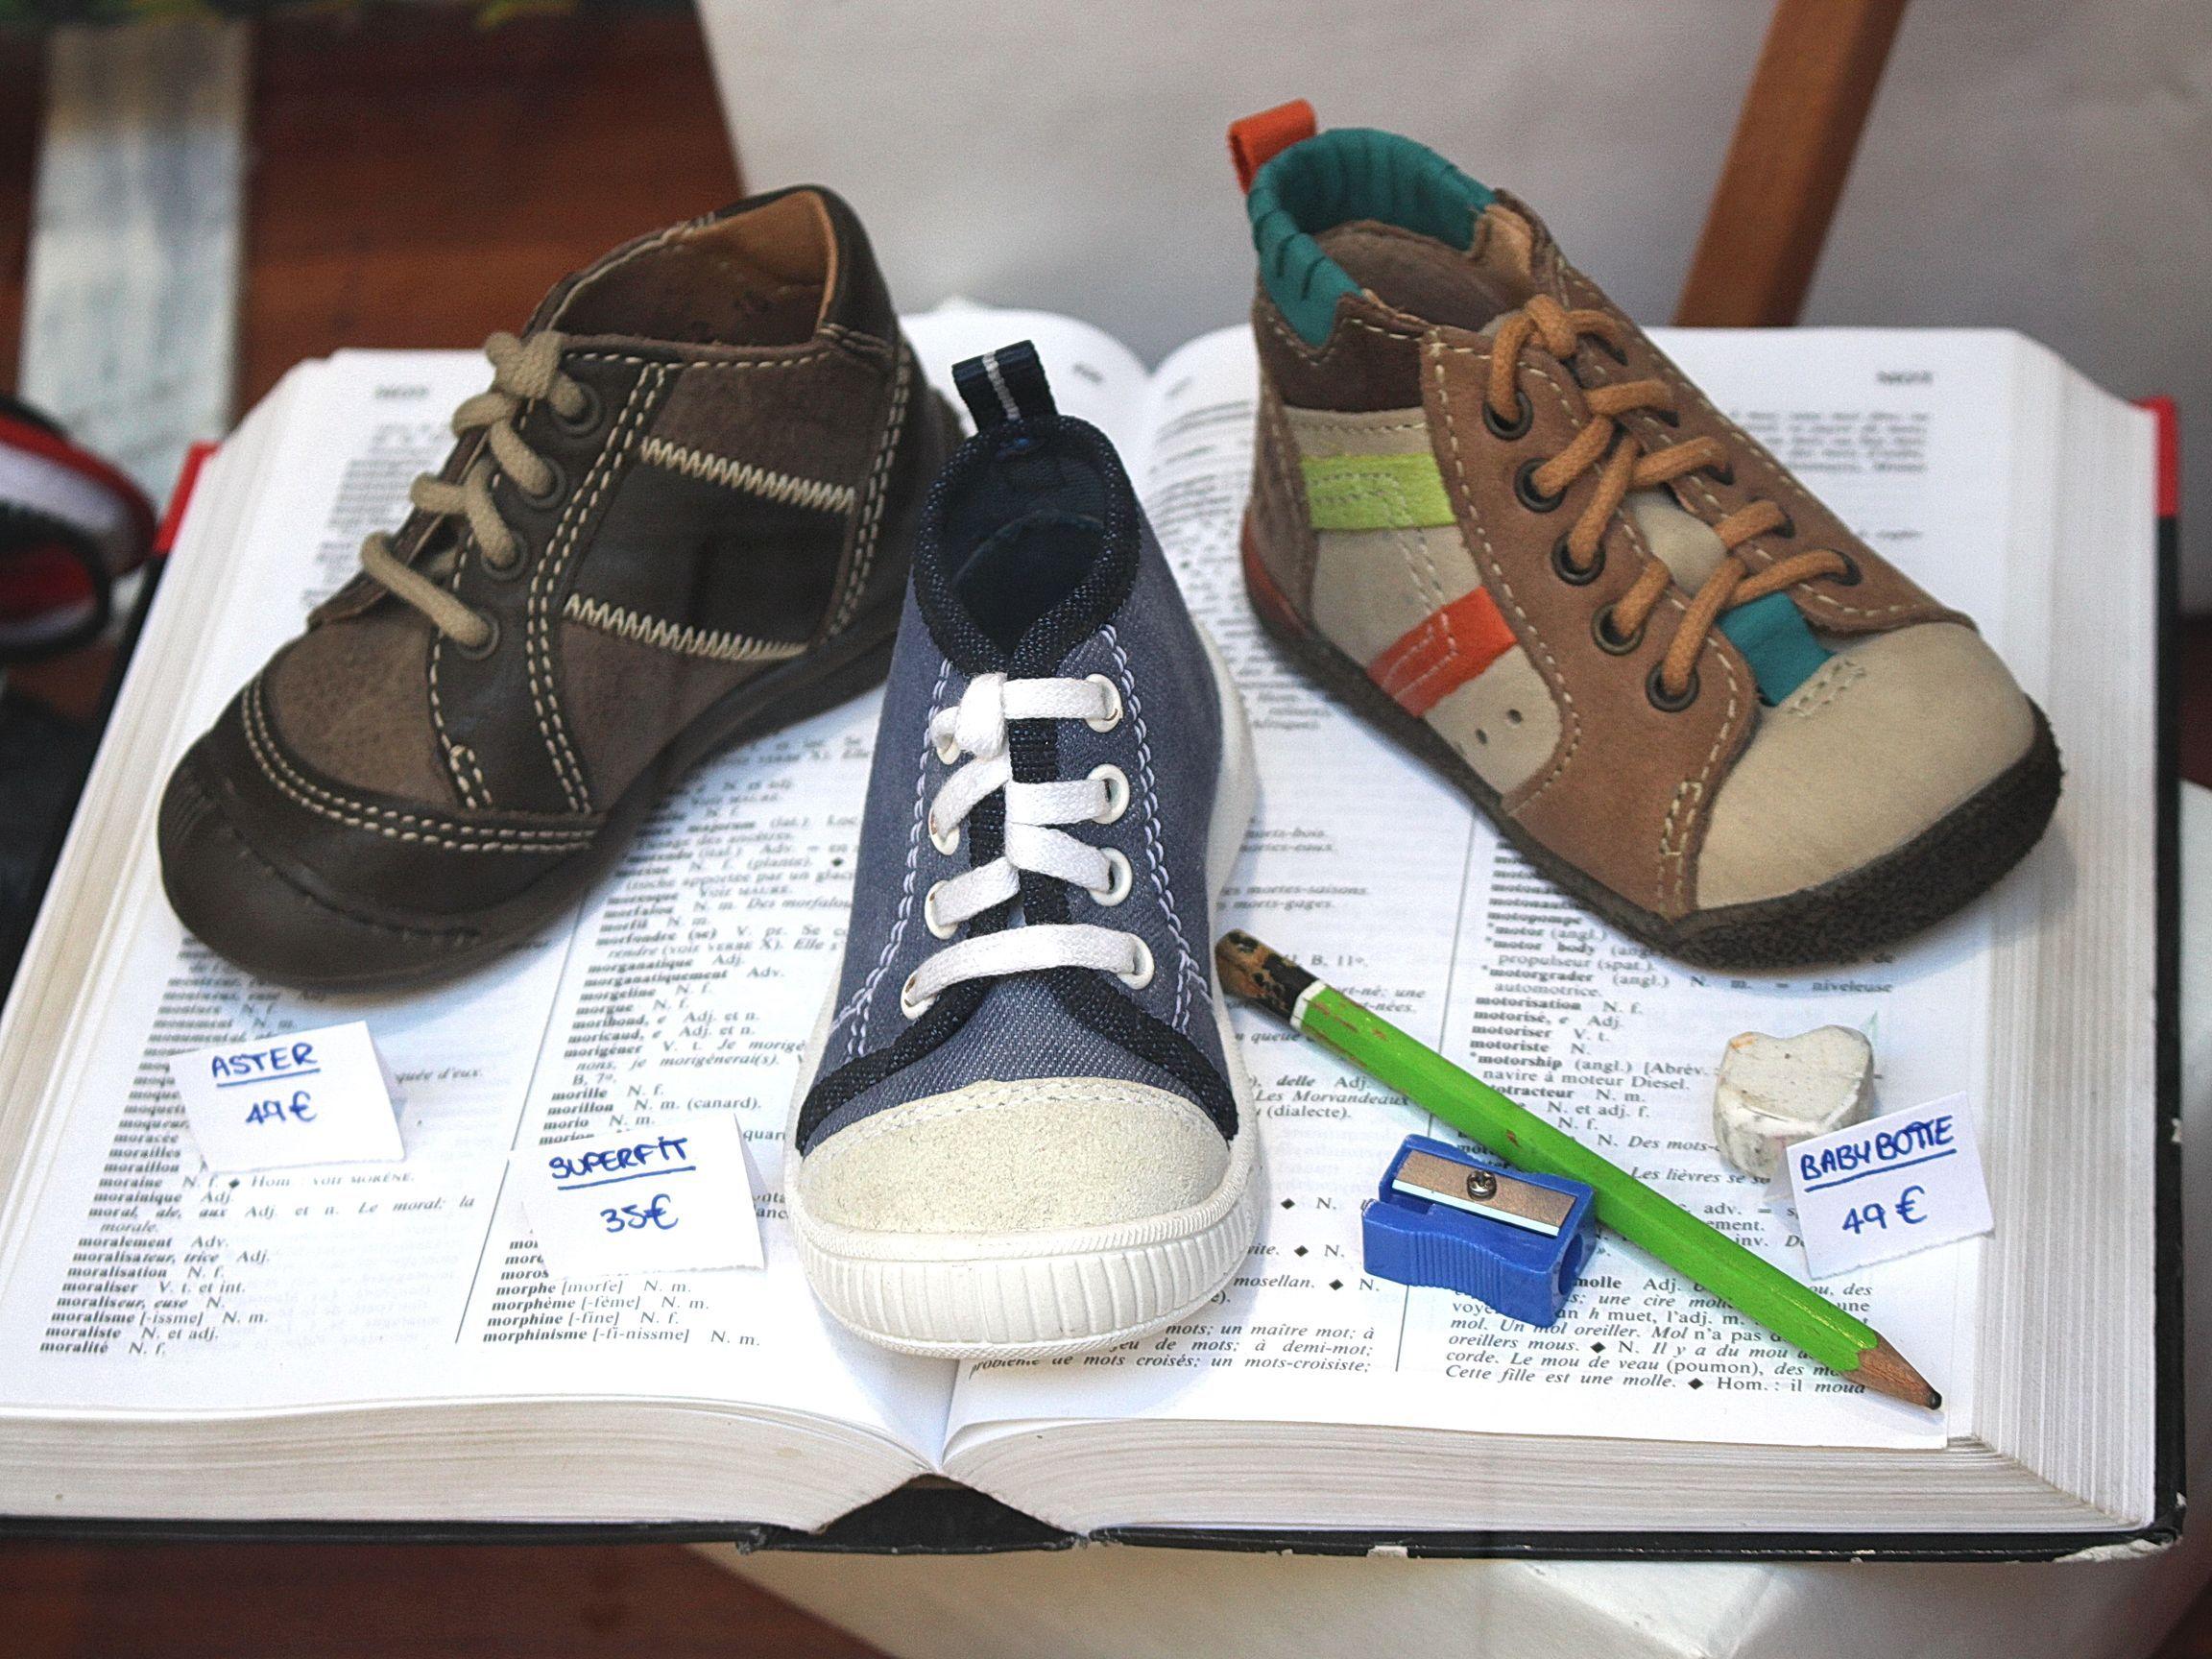 e26d84a32f7 DKS Degriff Kids Shoes  chaussures dégriffées pour  bébé  enfant et  femme  à  grenoble. www.dksgrenoble.com DKS  c est bien fait pour tes pieds !